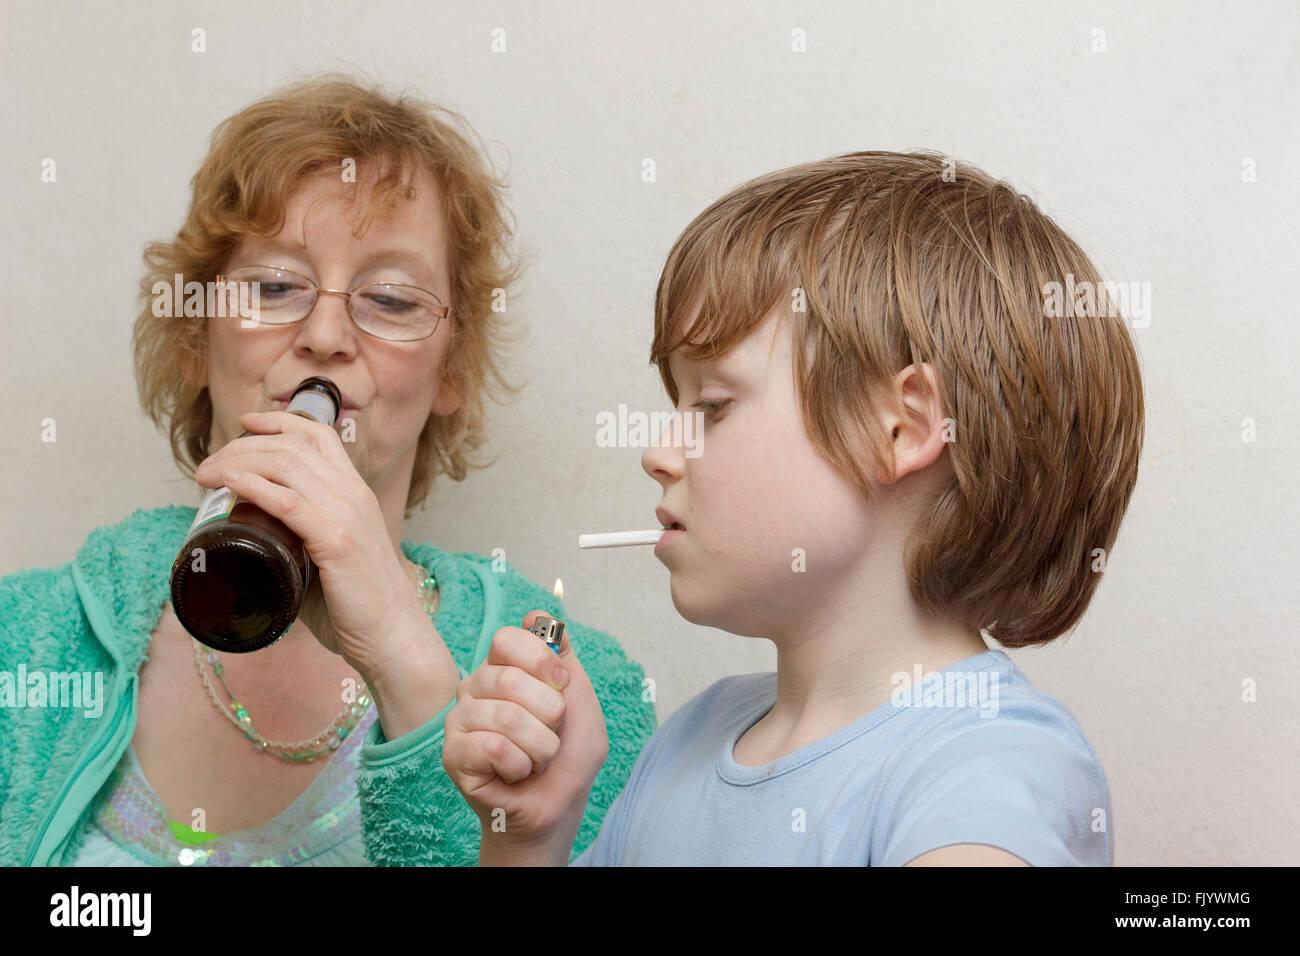 underage smoking underage boy smoking, his mother drinking beer - Stock Image